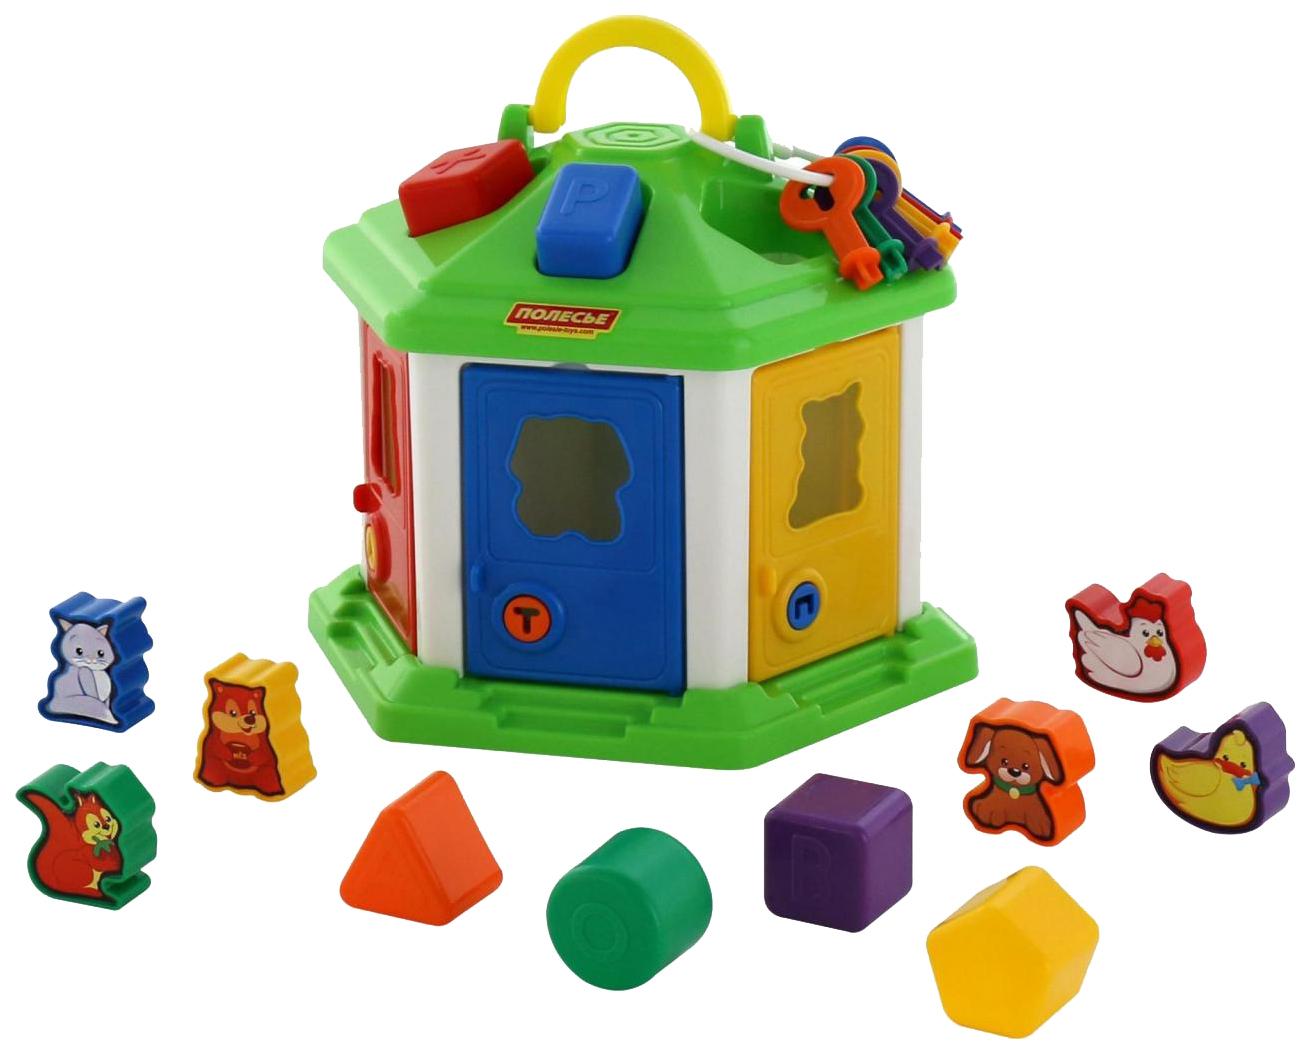 Купить Развивающая игрушка Полесье Логический домик №2 П-62307, Развивающие игрушки